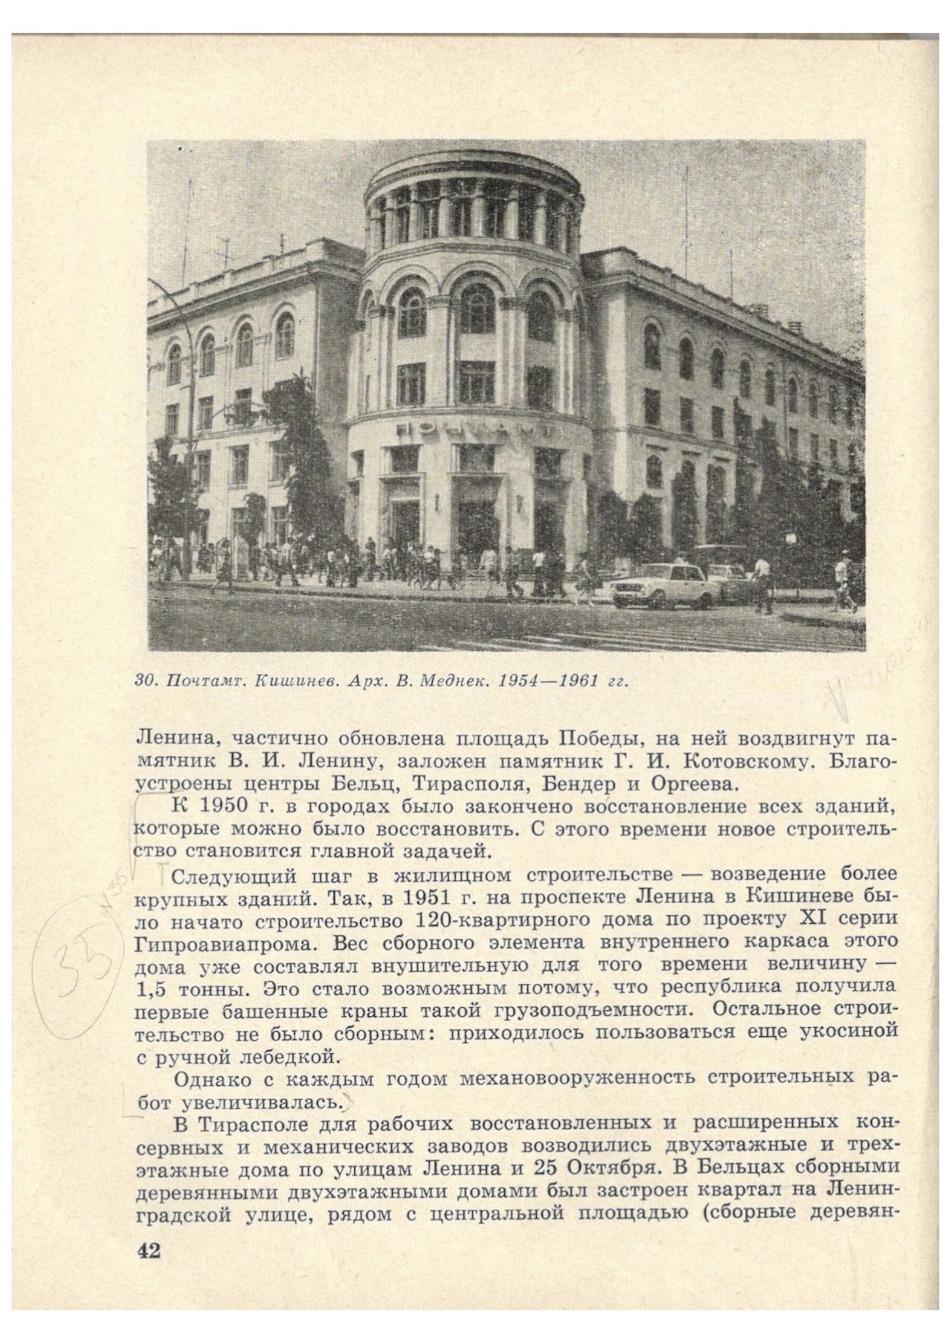 Градостроительство-Молдавии-В-Ф-Смирнов